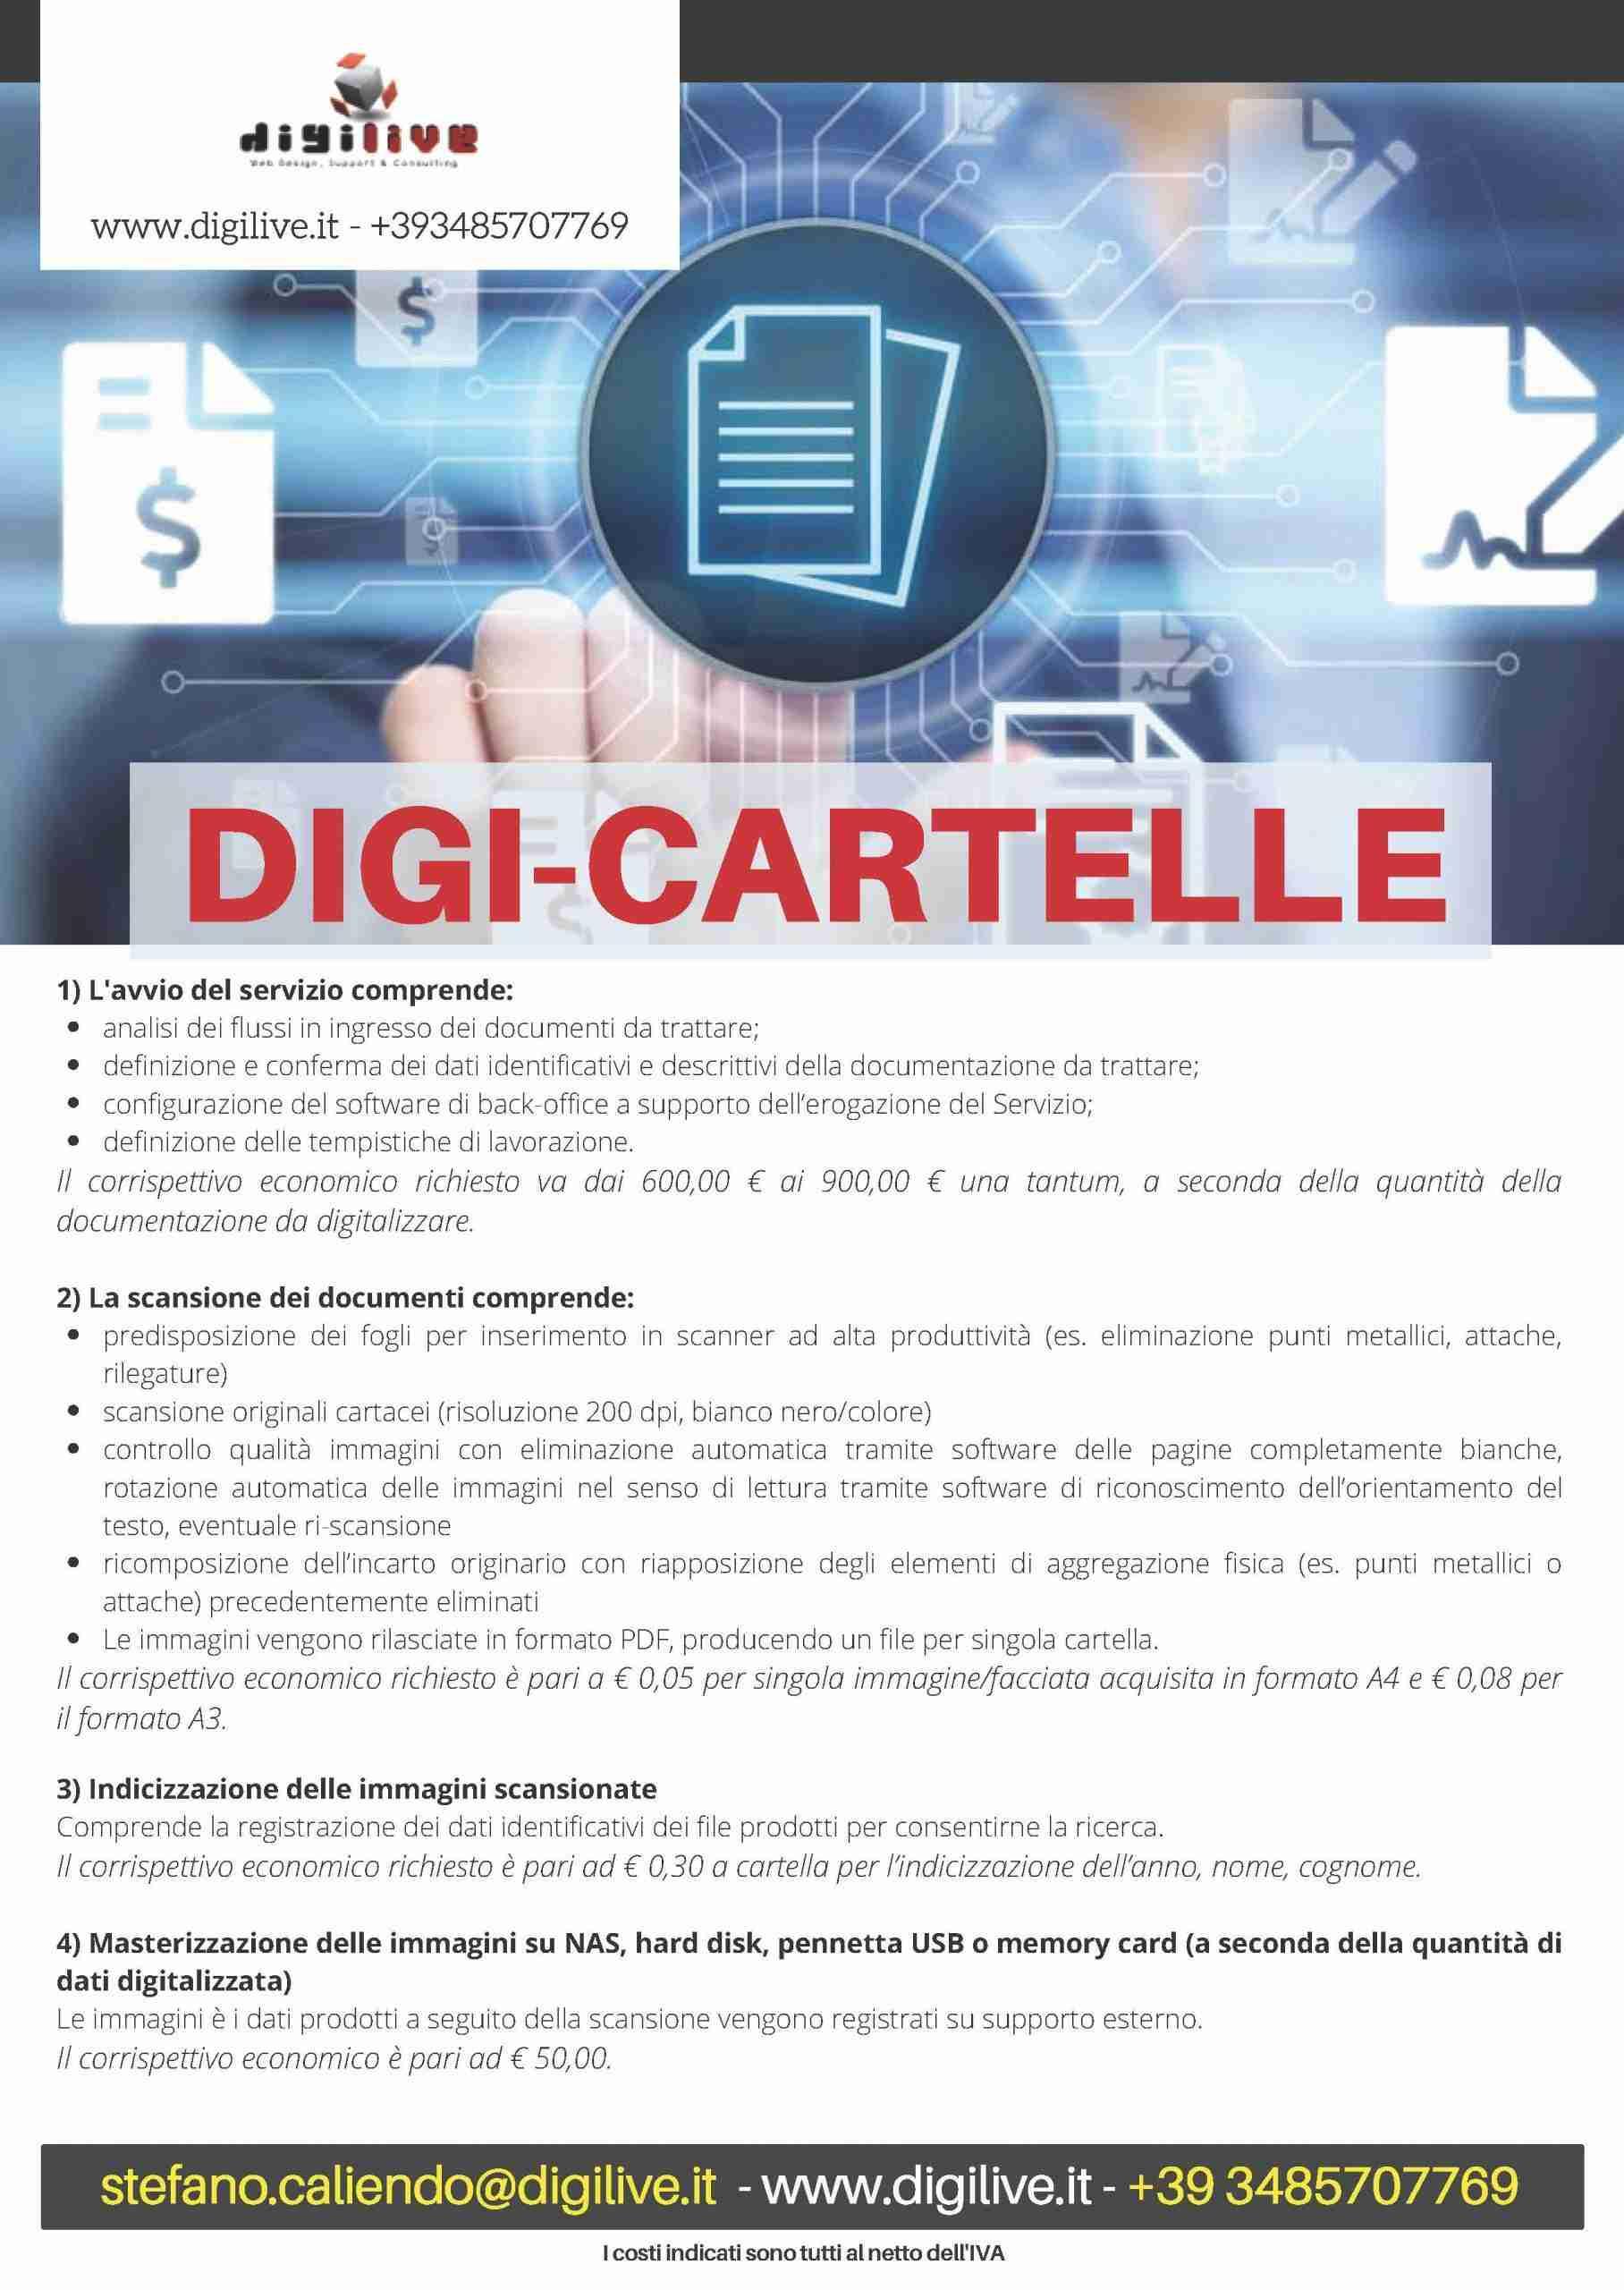 Dematerializzazione cartelle studi medici